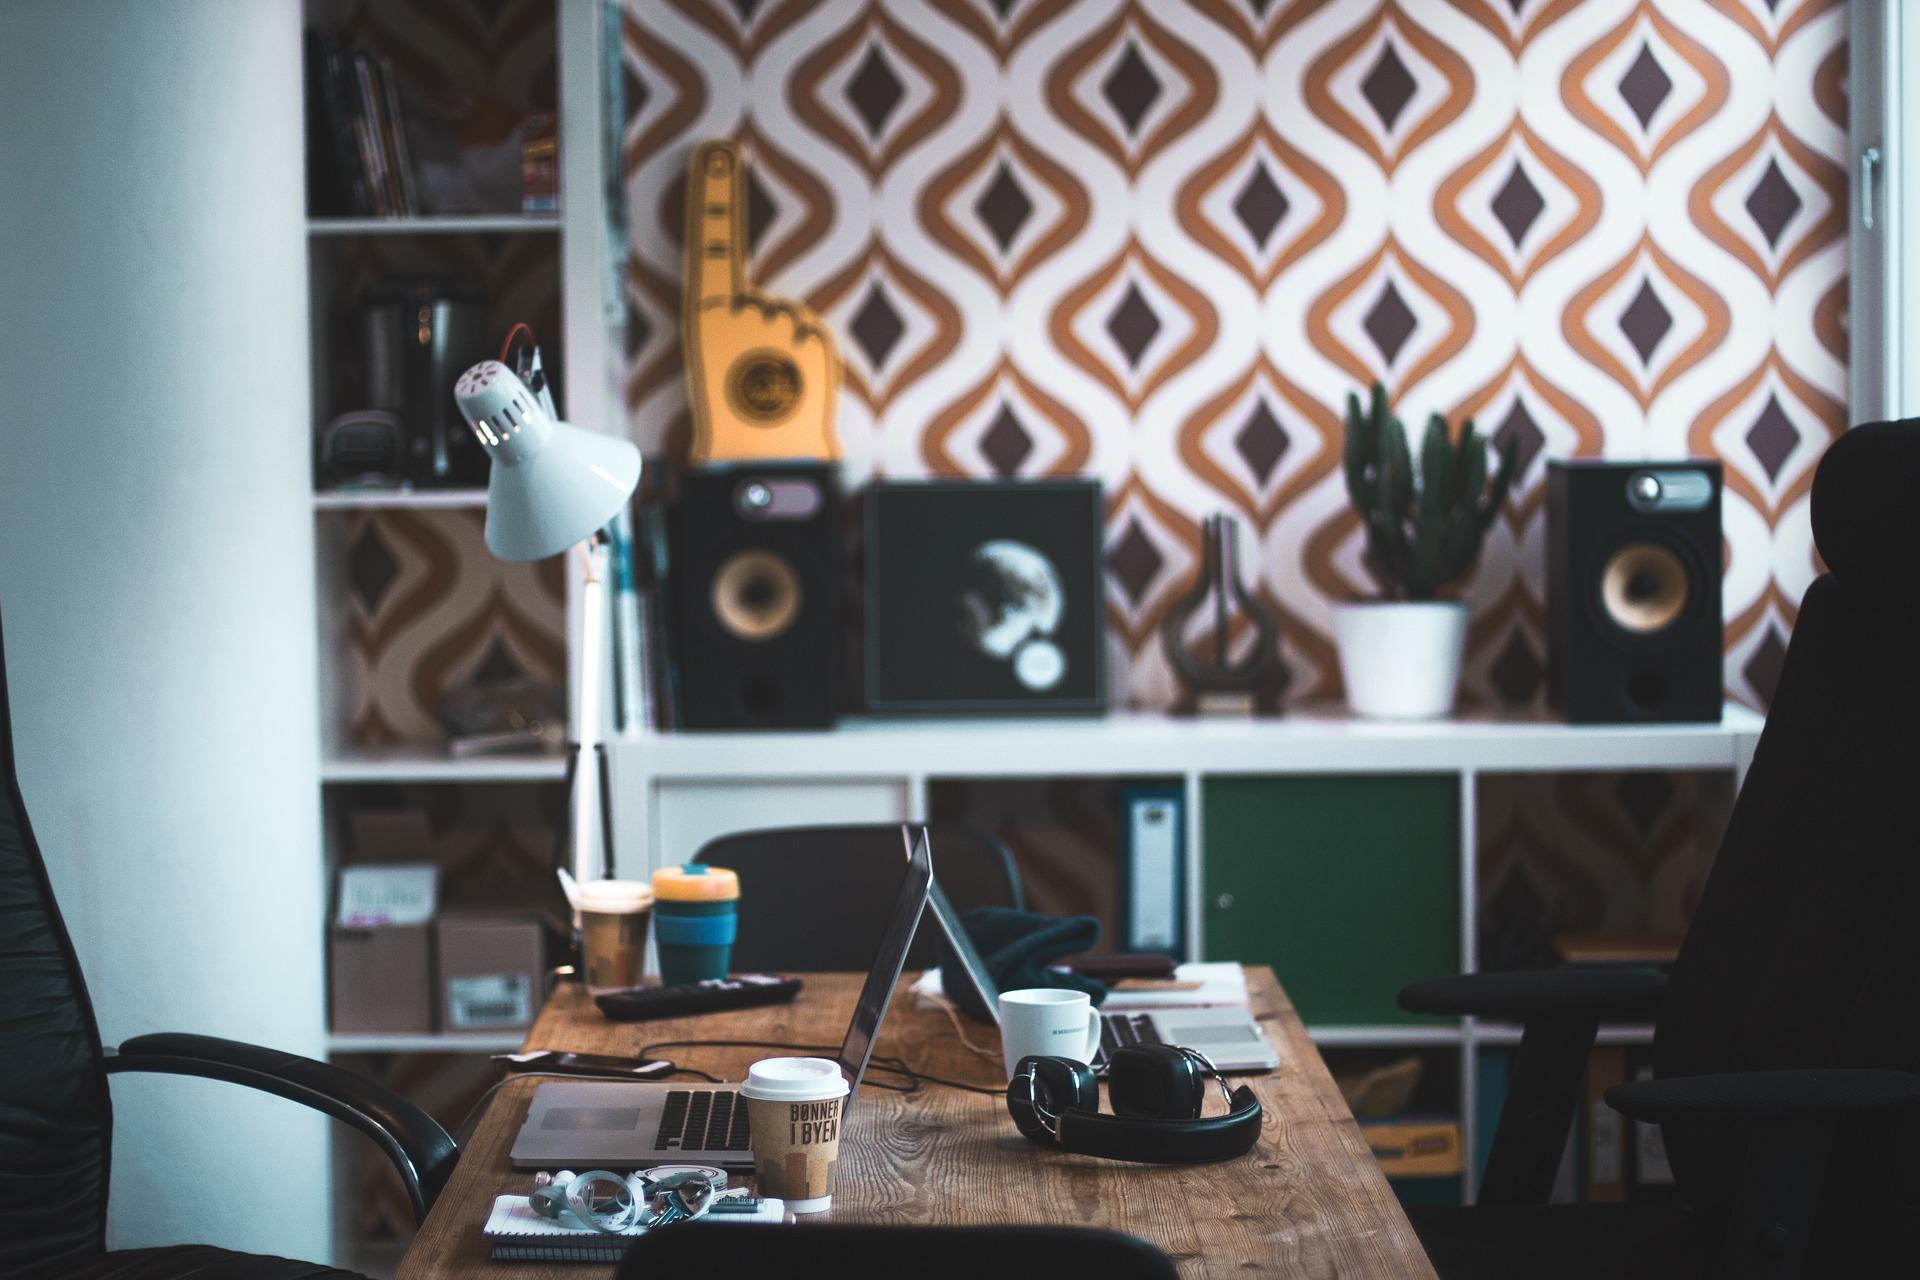 office-2616372_1920.jpg